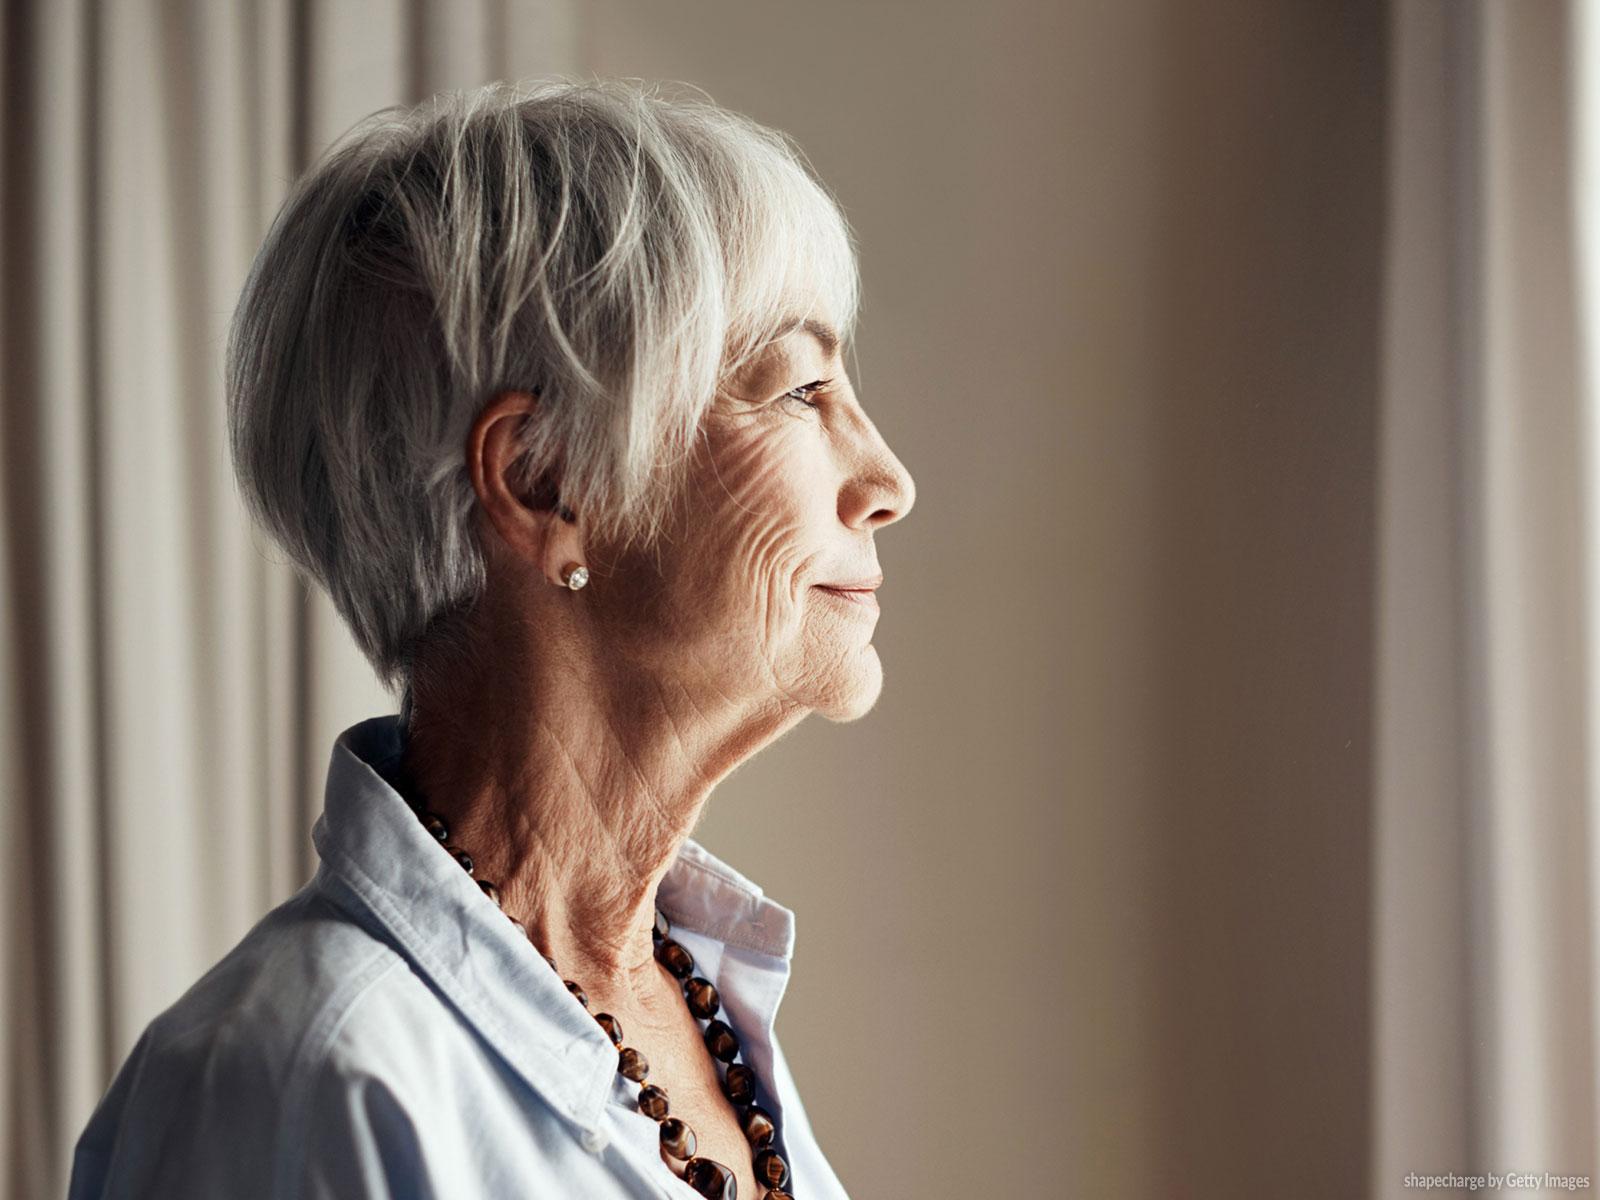 -É-possivel-envelhecer-bem-com-saúde-e-felicidade